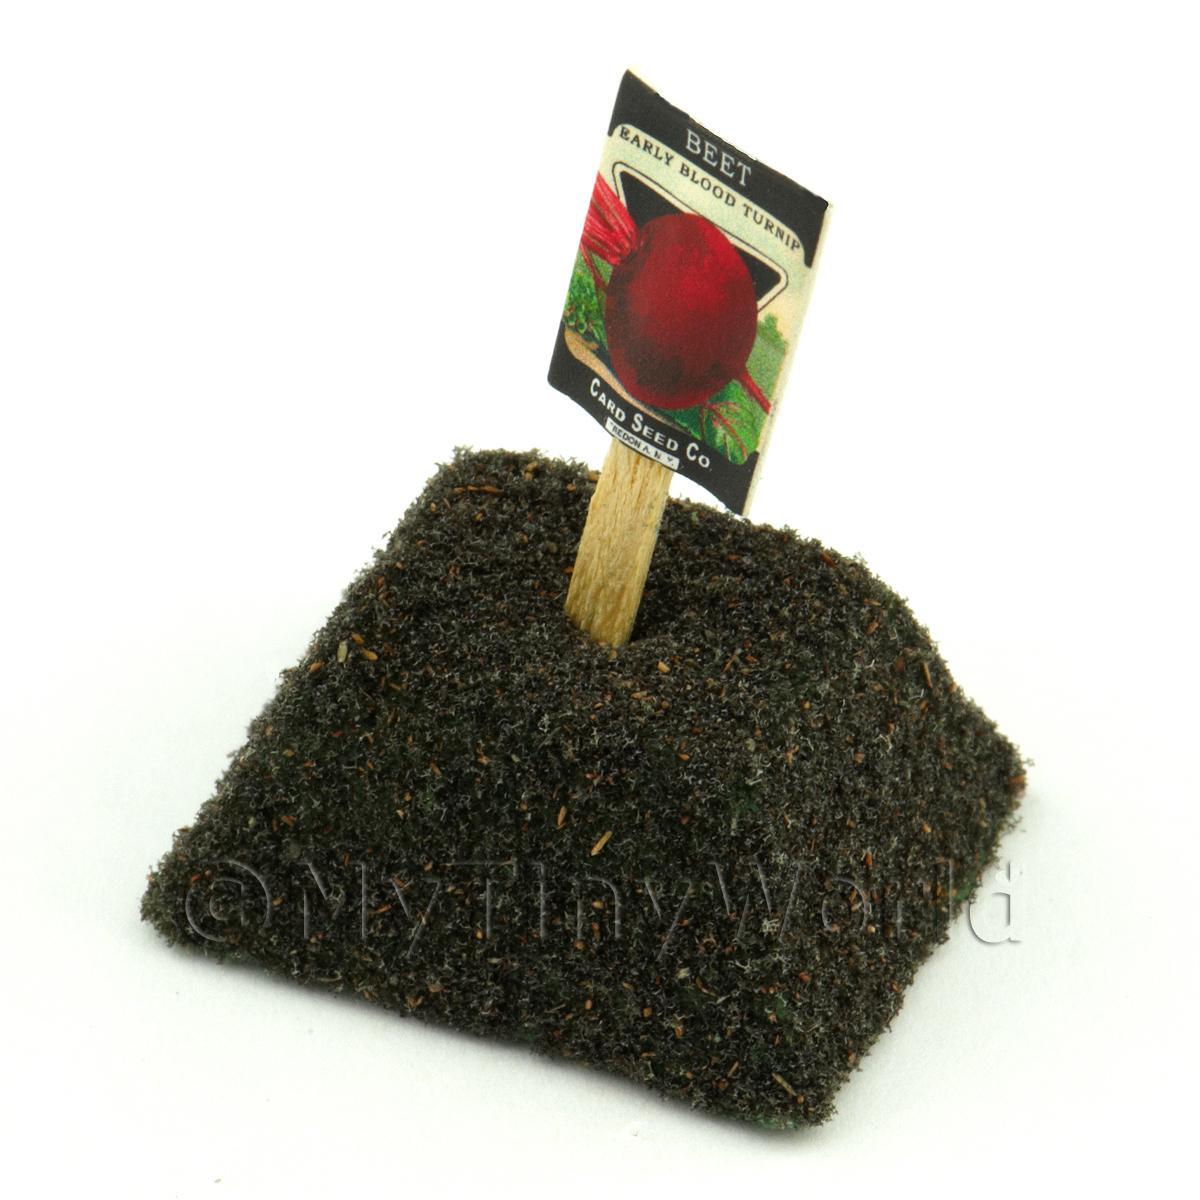 puppenhaus fr he rote beete samen p ckchen mit einen stab. Black Bedroom Furniture Sets. Home Design Ideas